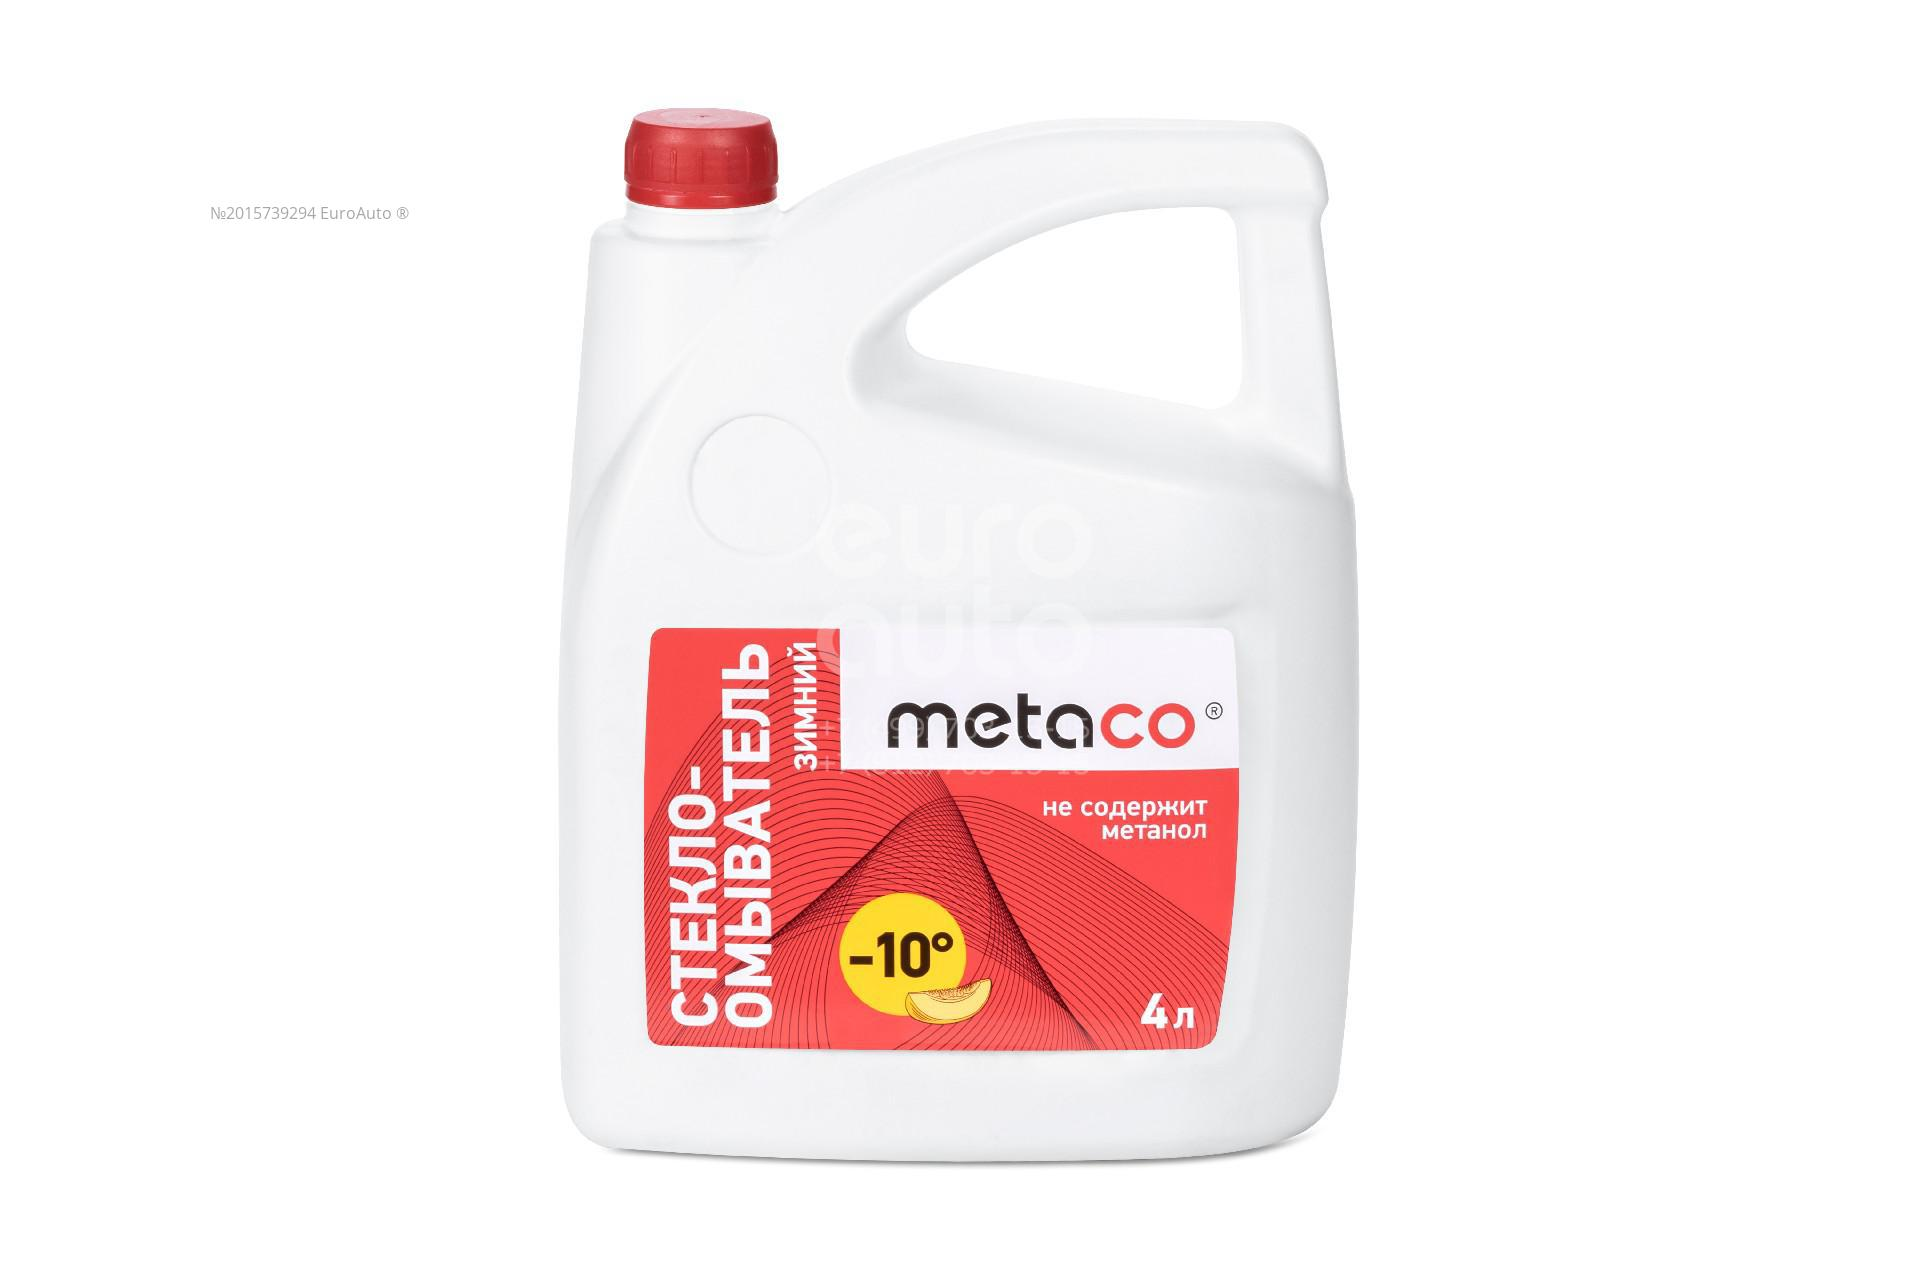 Жидкость омывателя Metaco 998-1410